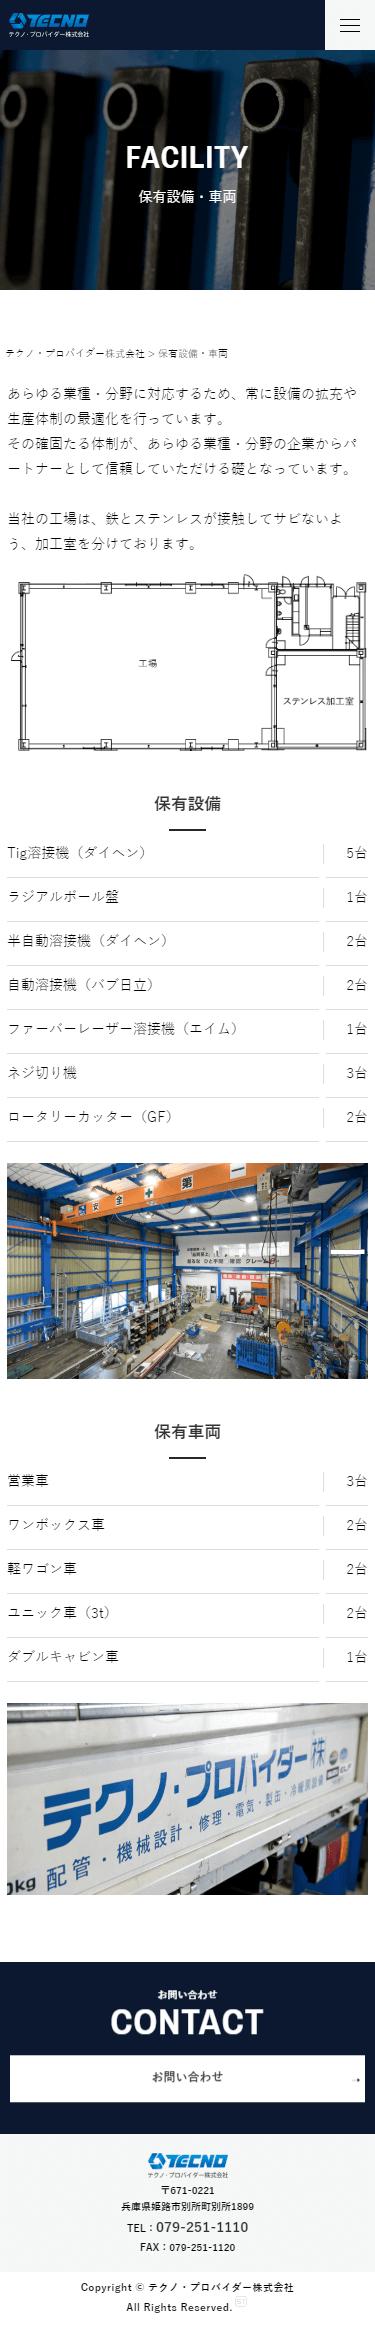 姫路市 テクノ・プロバイダー株式会社 ホームページ制作4